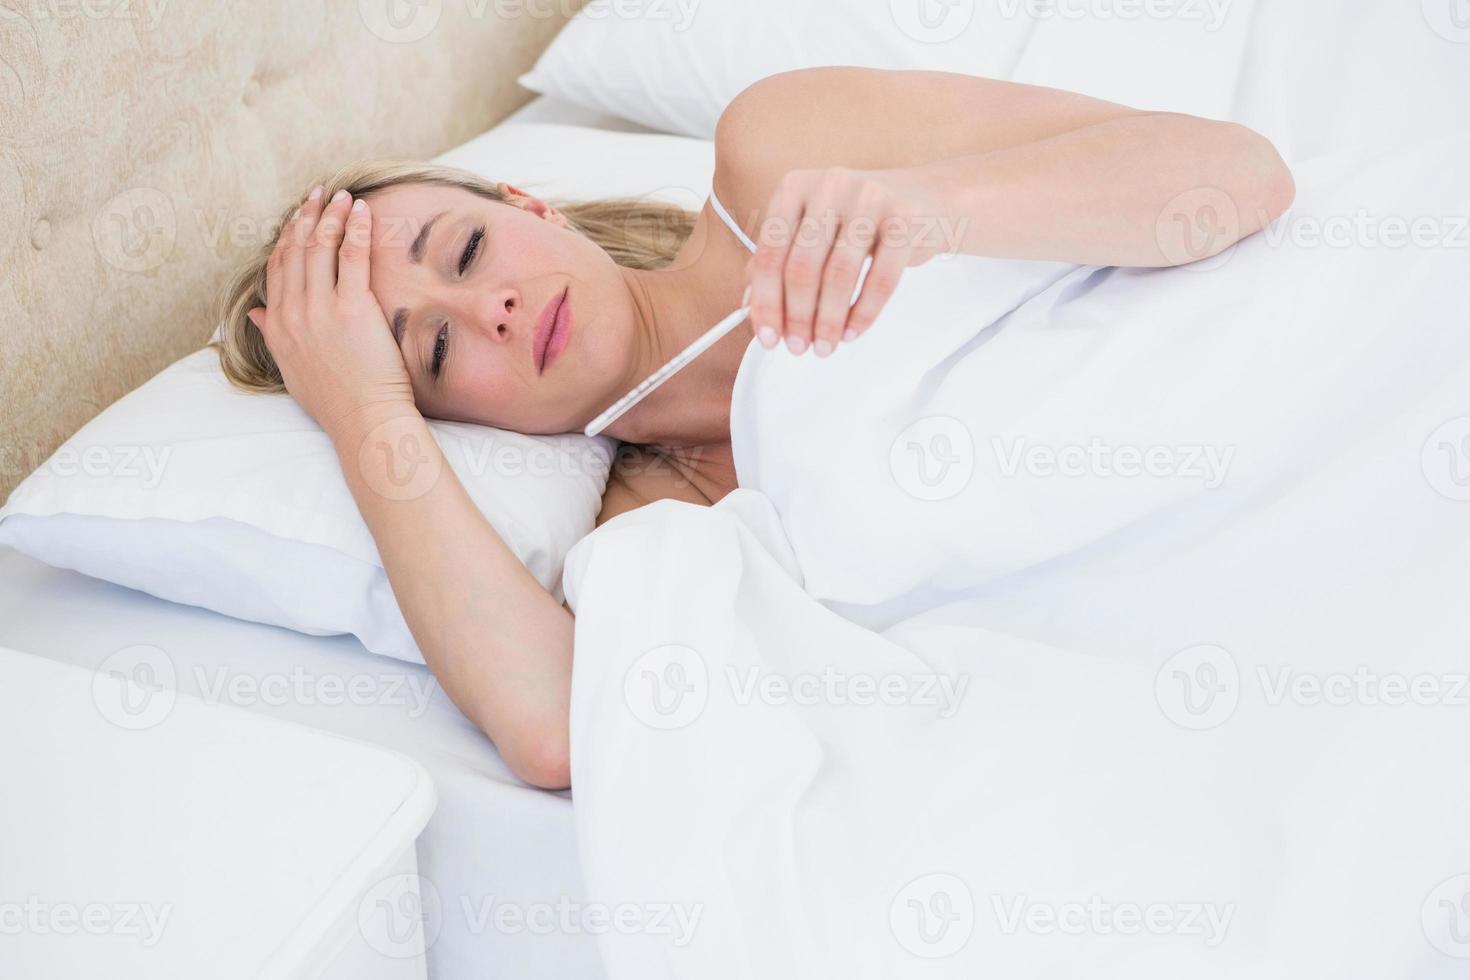 blonde Frau überprüft ihre Temperatur foto